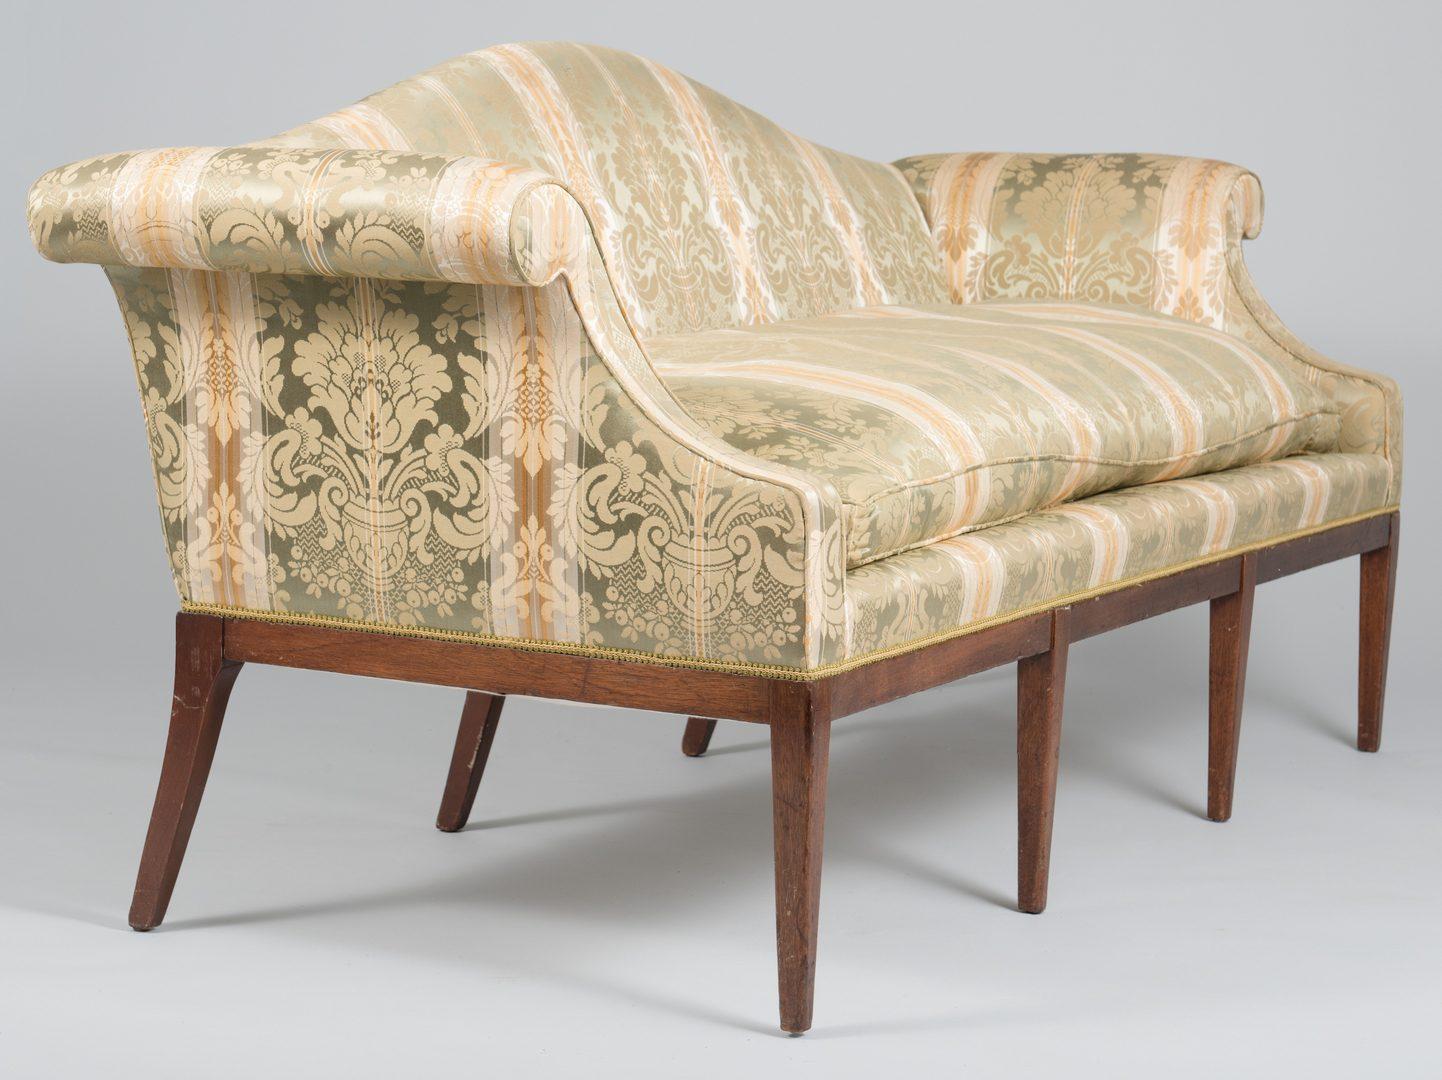 Lot 110: Federal Sofa attr. N. Carolina